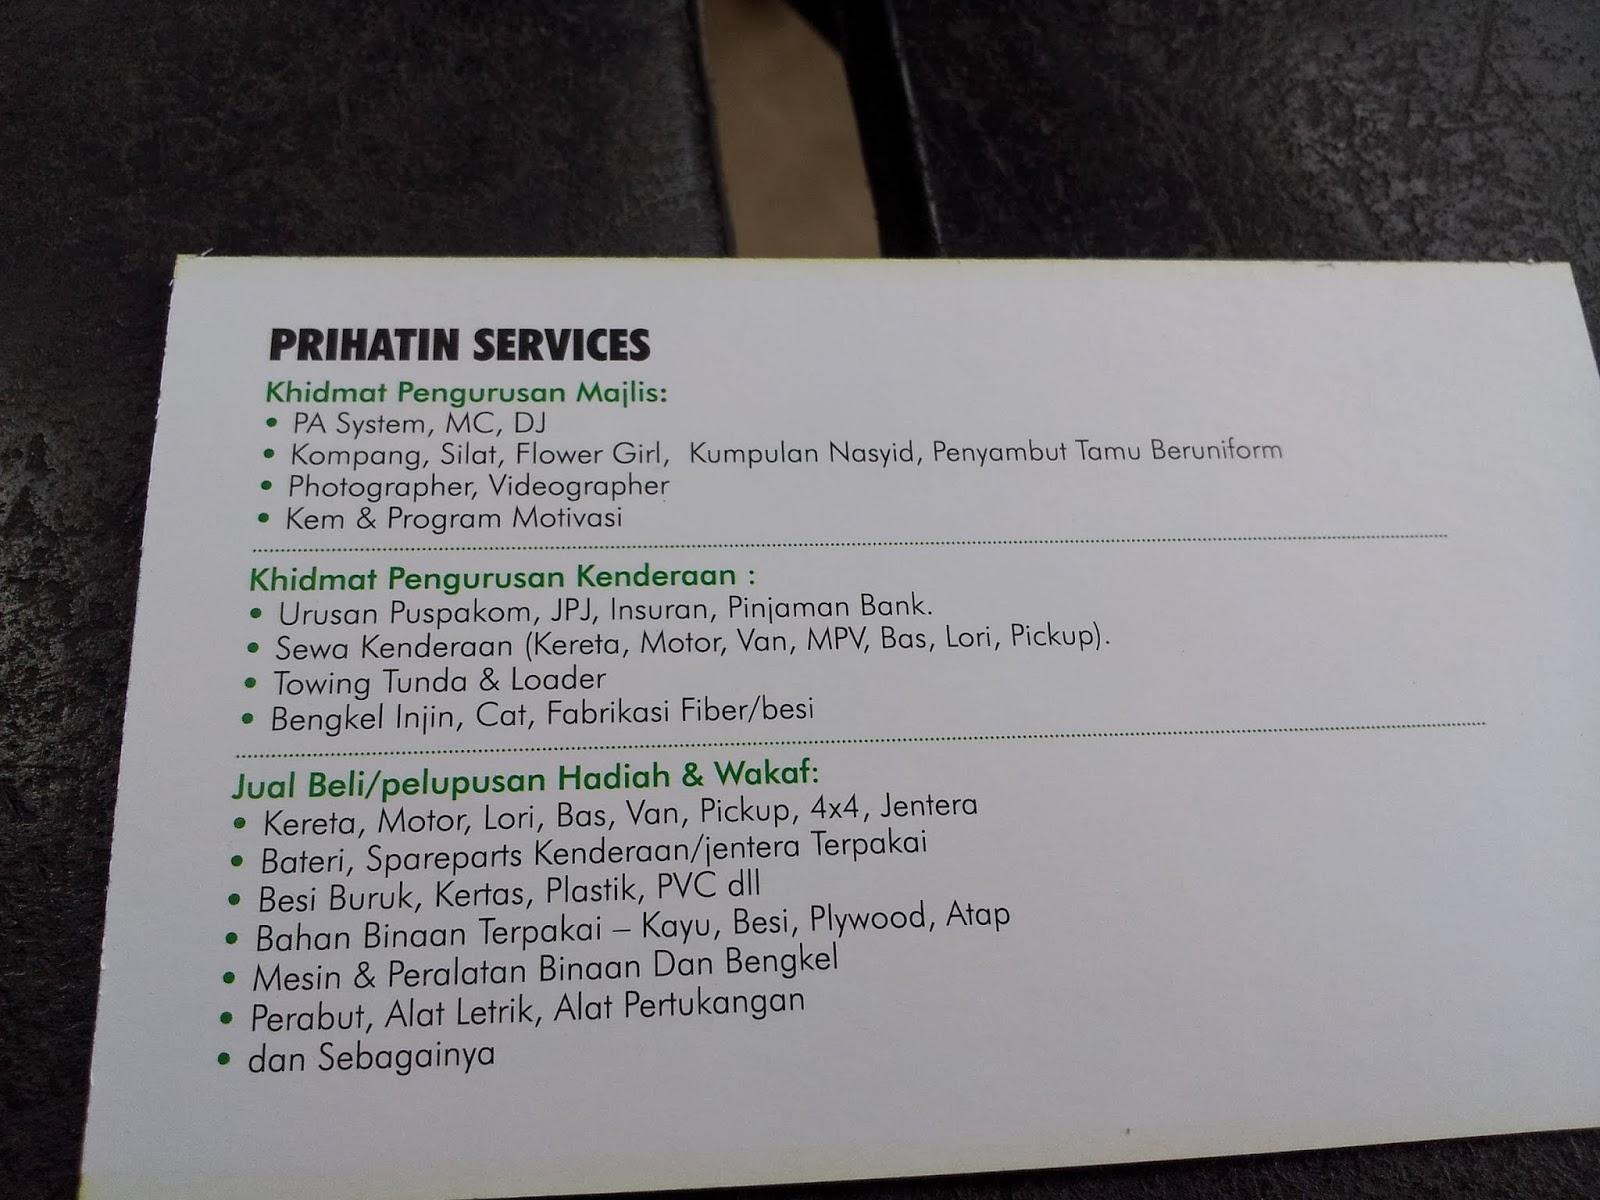 Ini adalah senarai sevices yang ditawarkan oleh RPWP untuk mengumpul dana